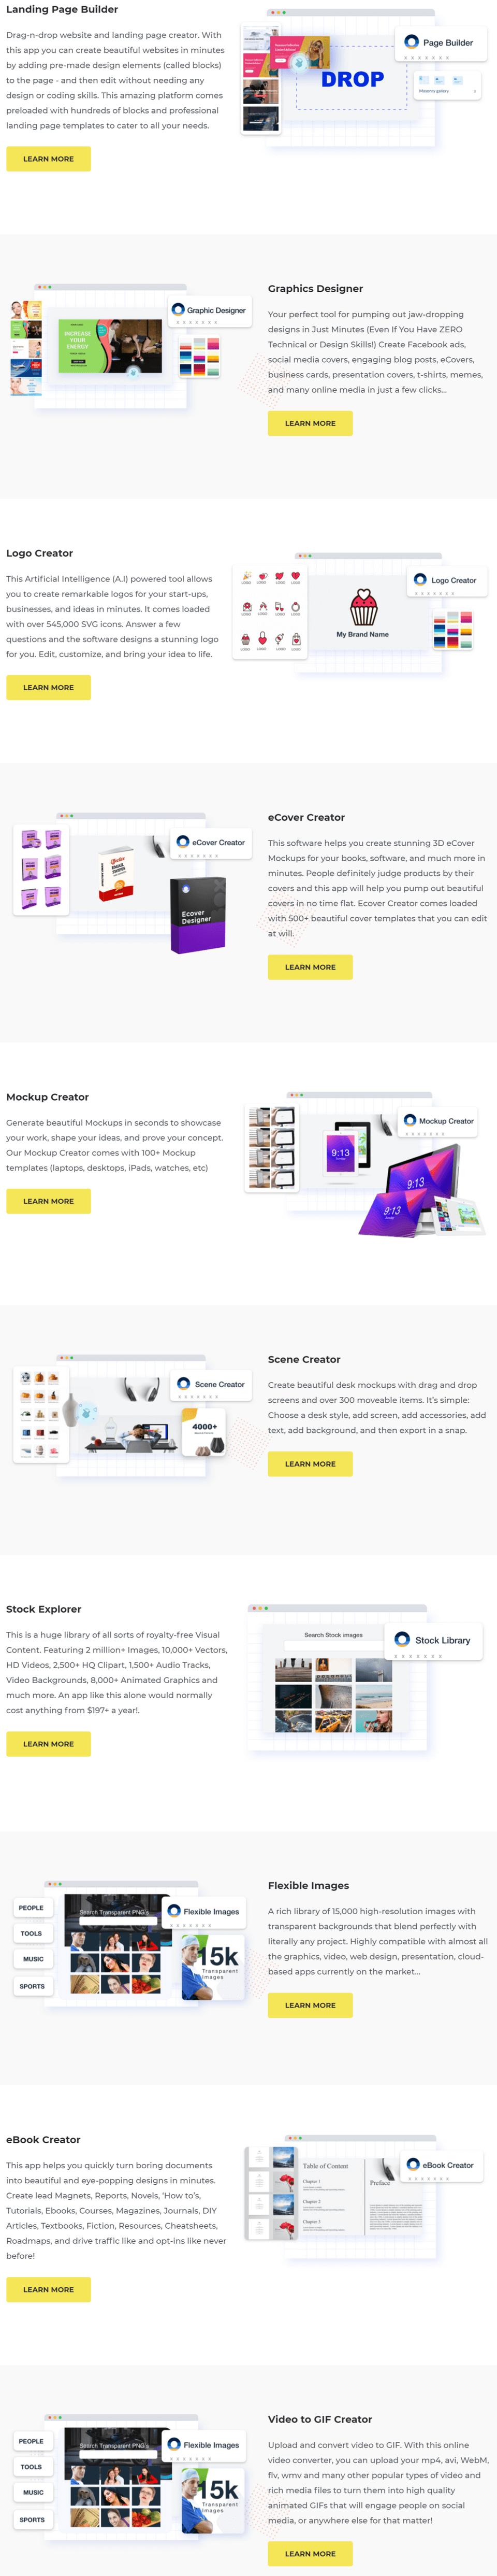 design-bundle-details